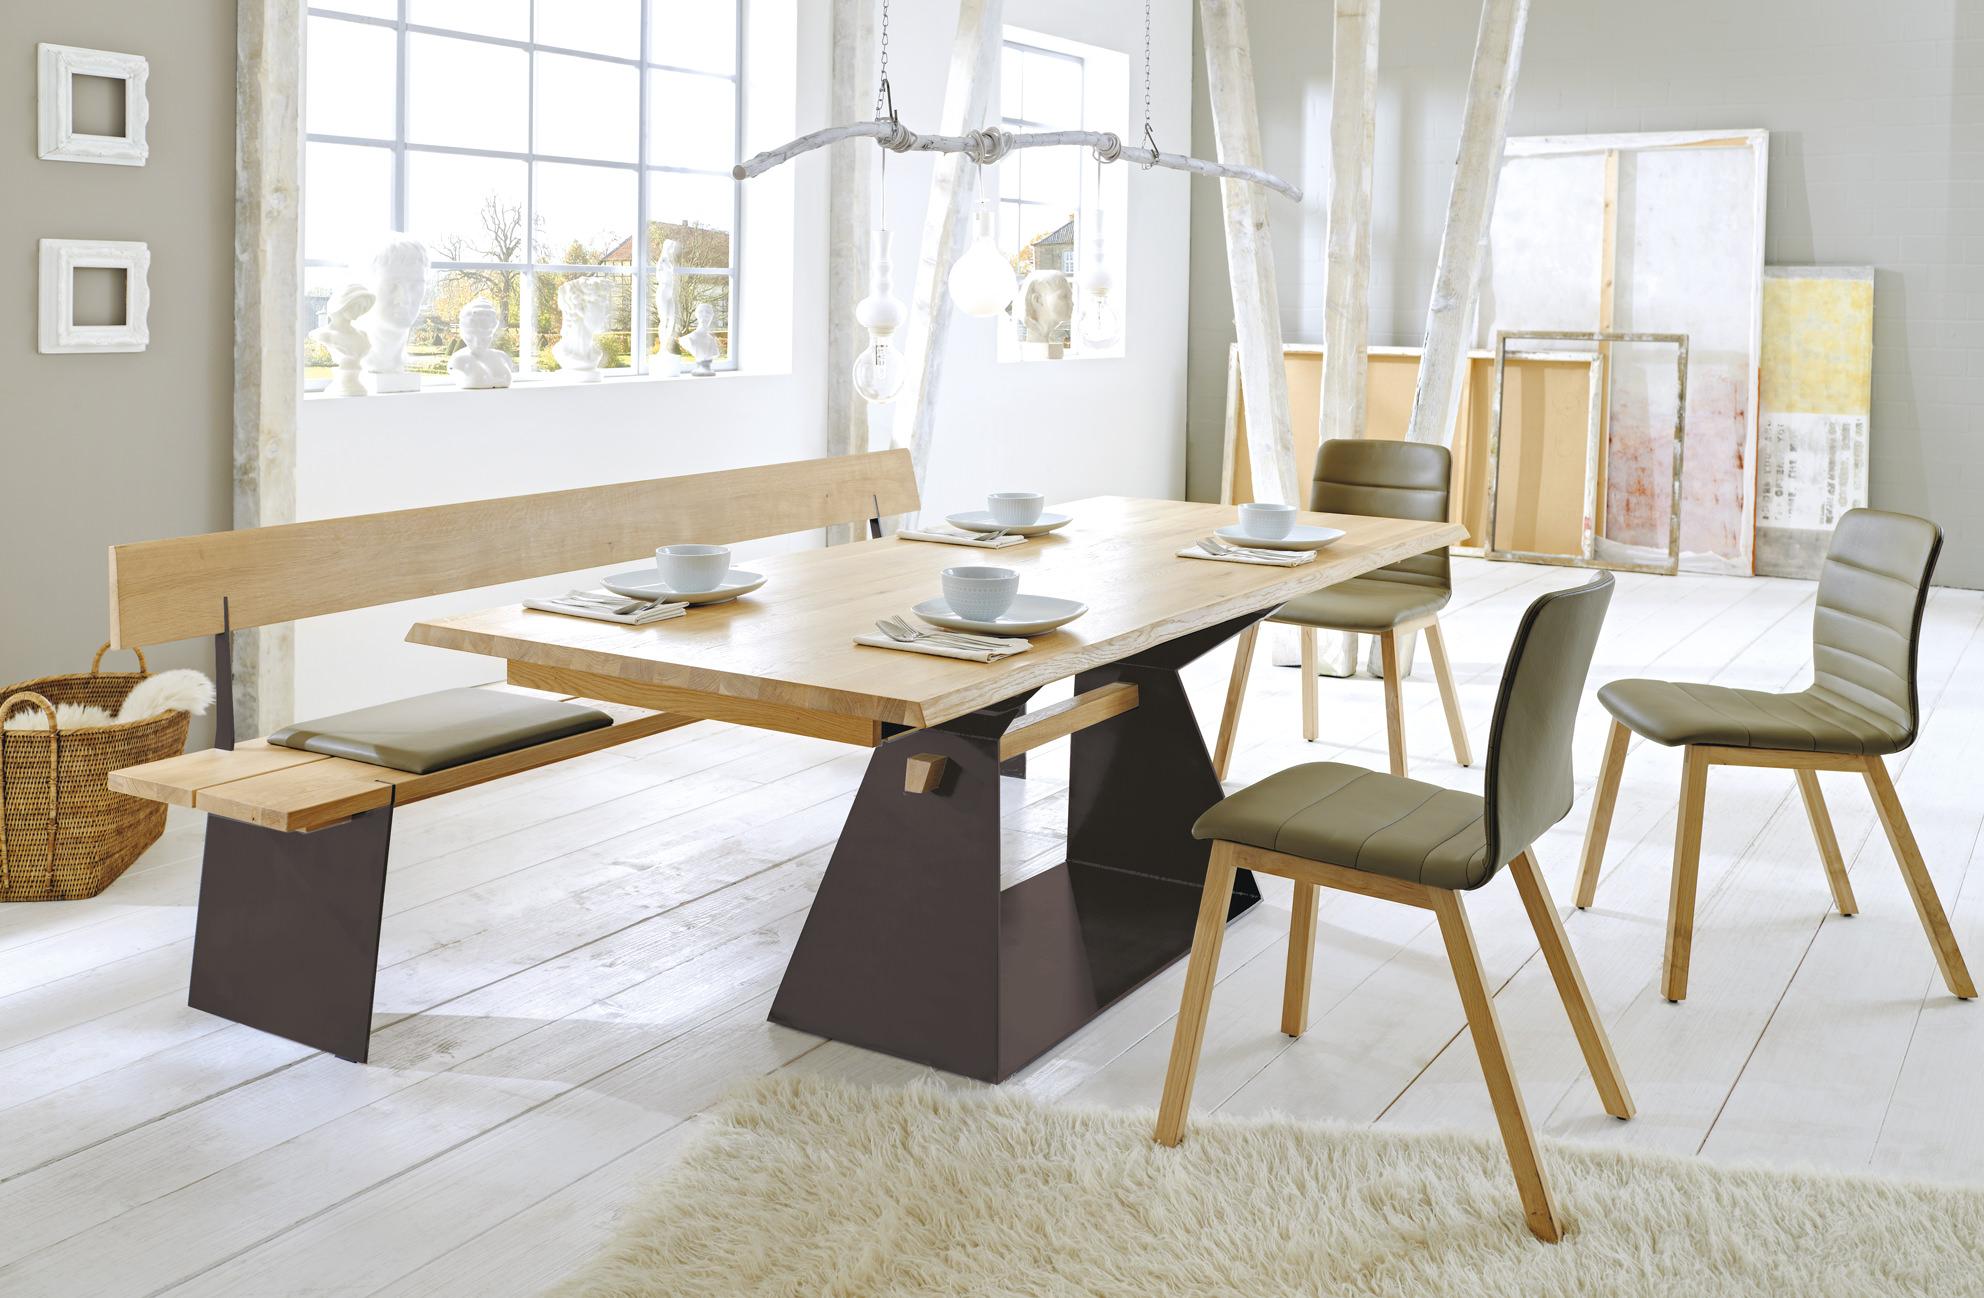 Zweigl Tischgruppenkollektion Eichenscheune Bocholt